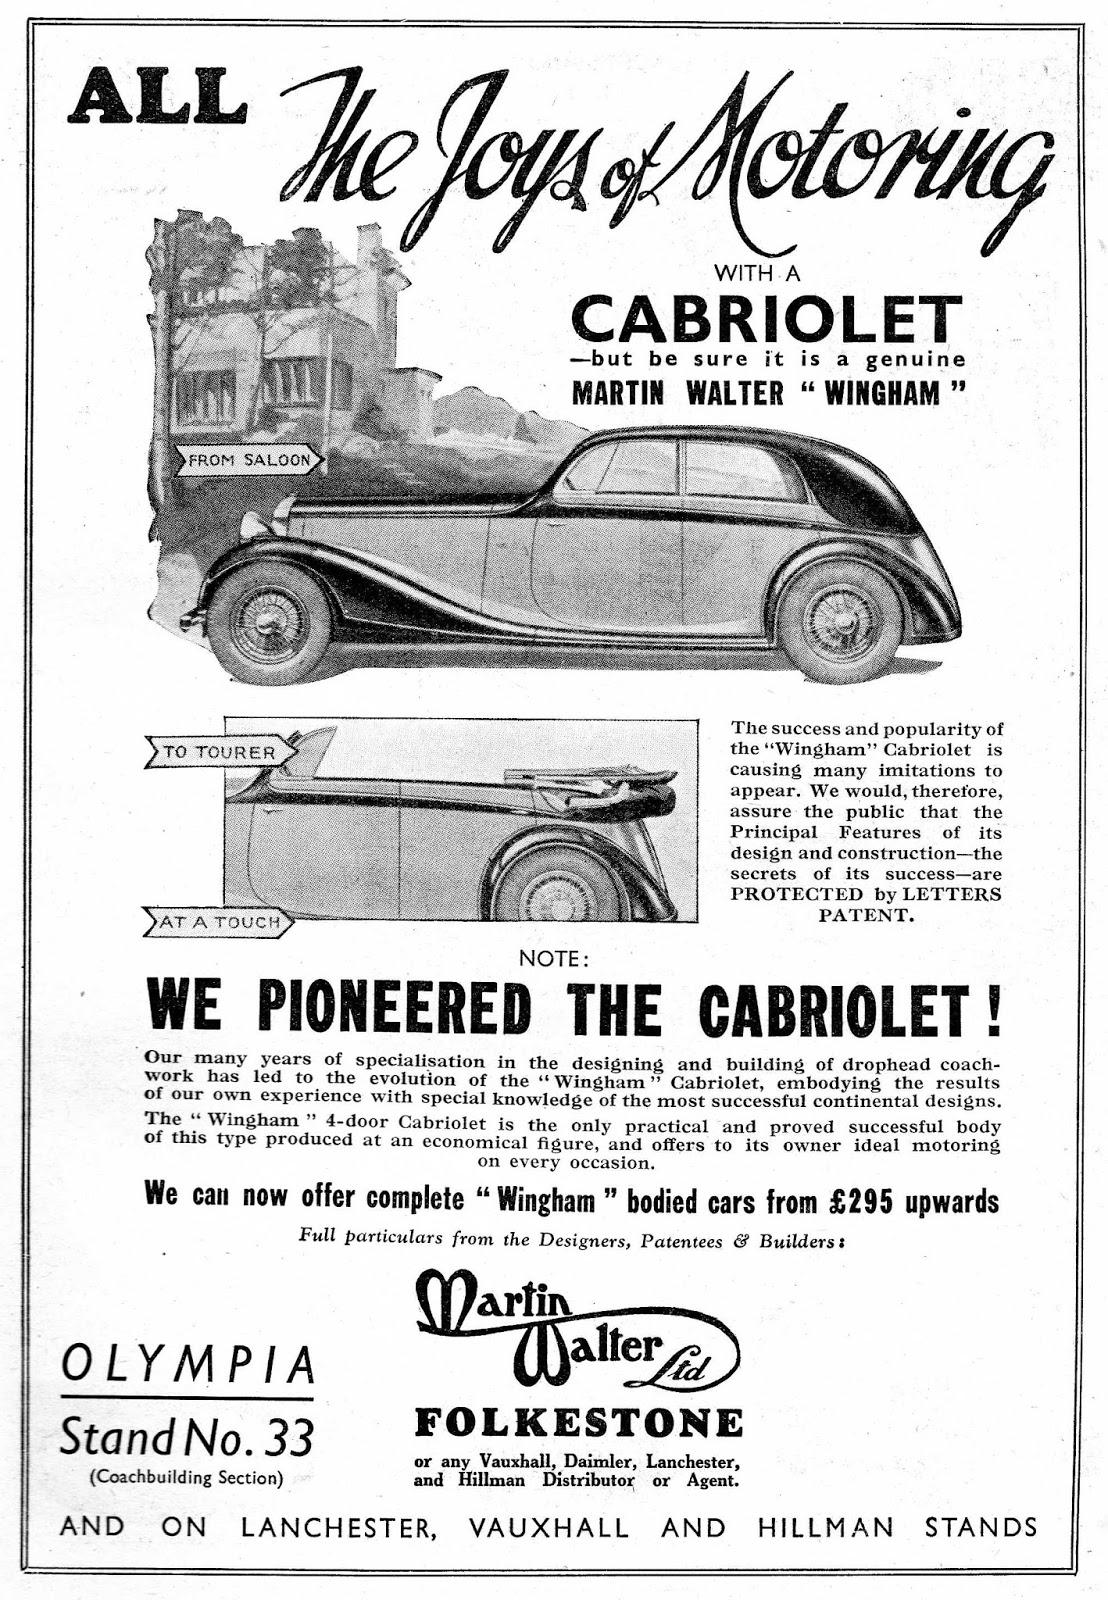 Walter Ltd dormobile advertising the brand